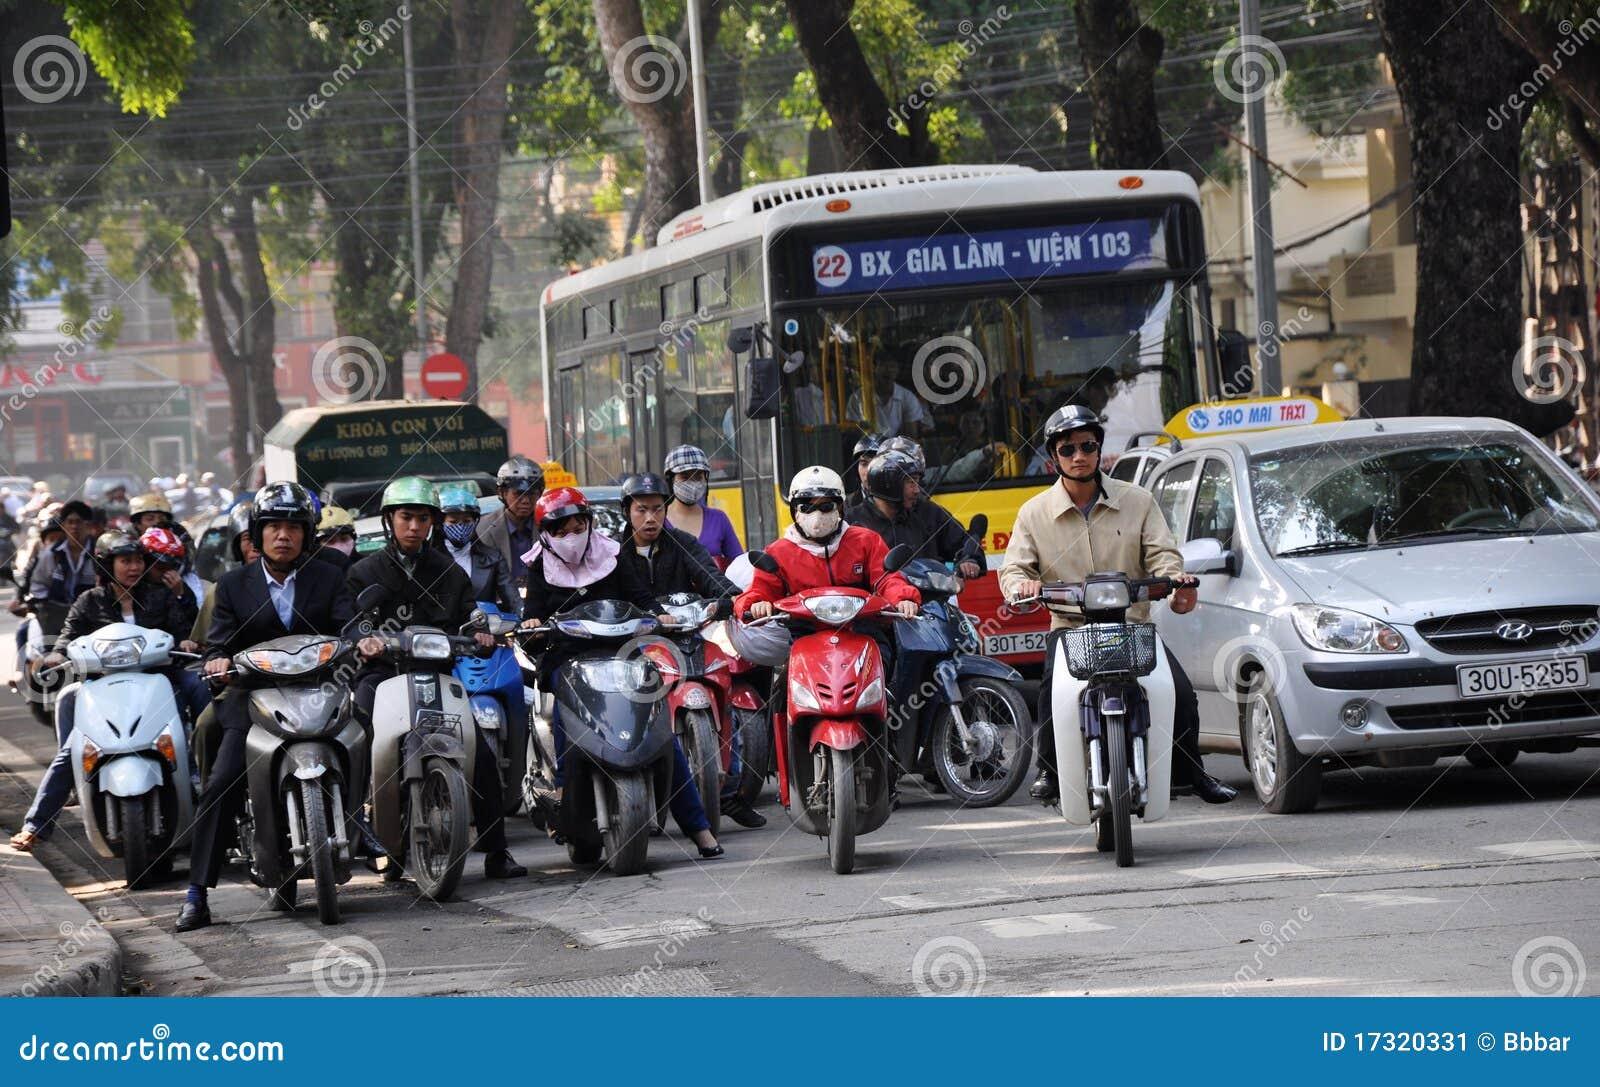 verkeer reglan onze business plan